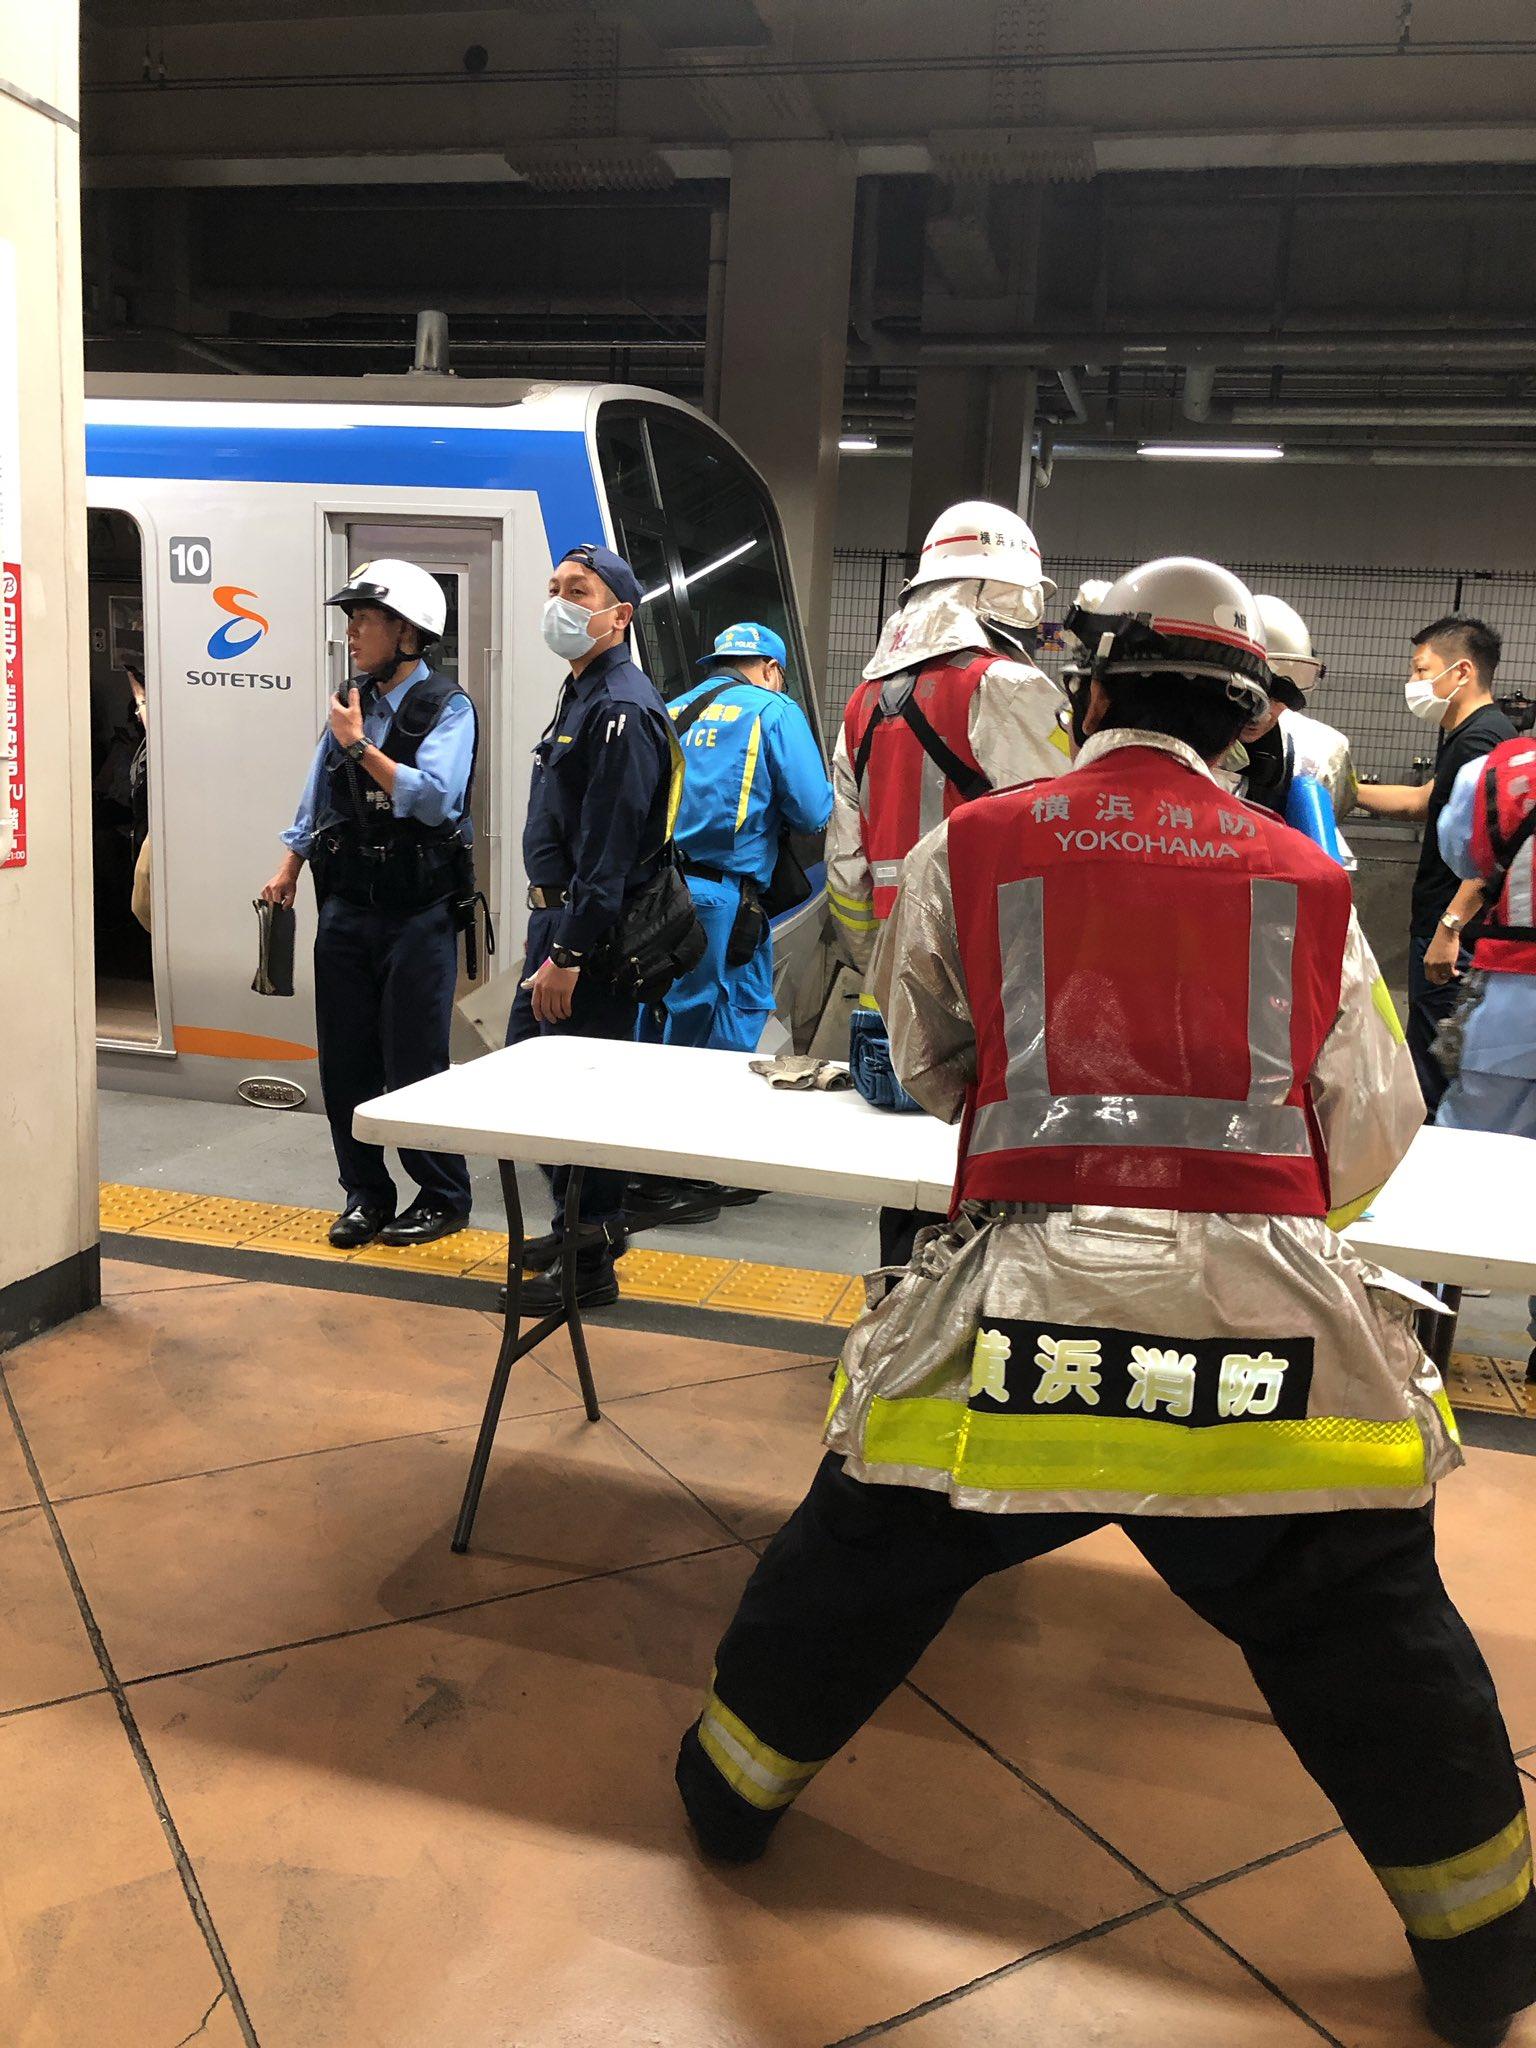 二俣川駅の人身事故で現場検証している画像